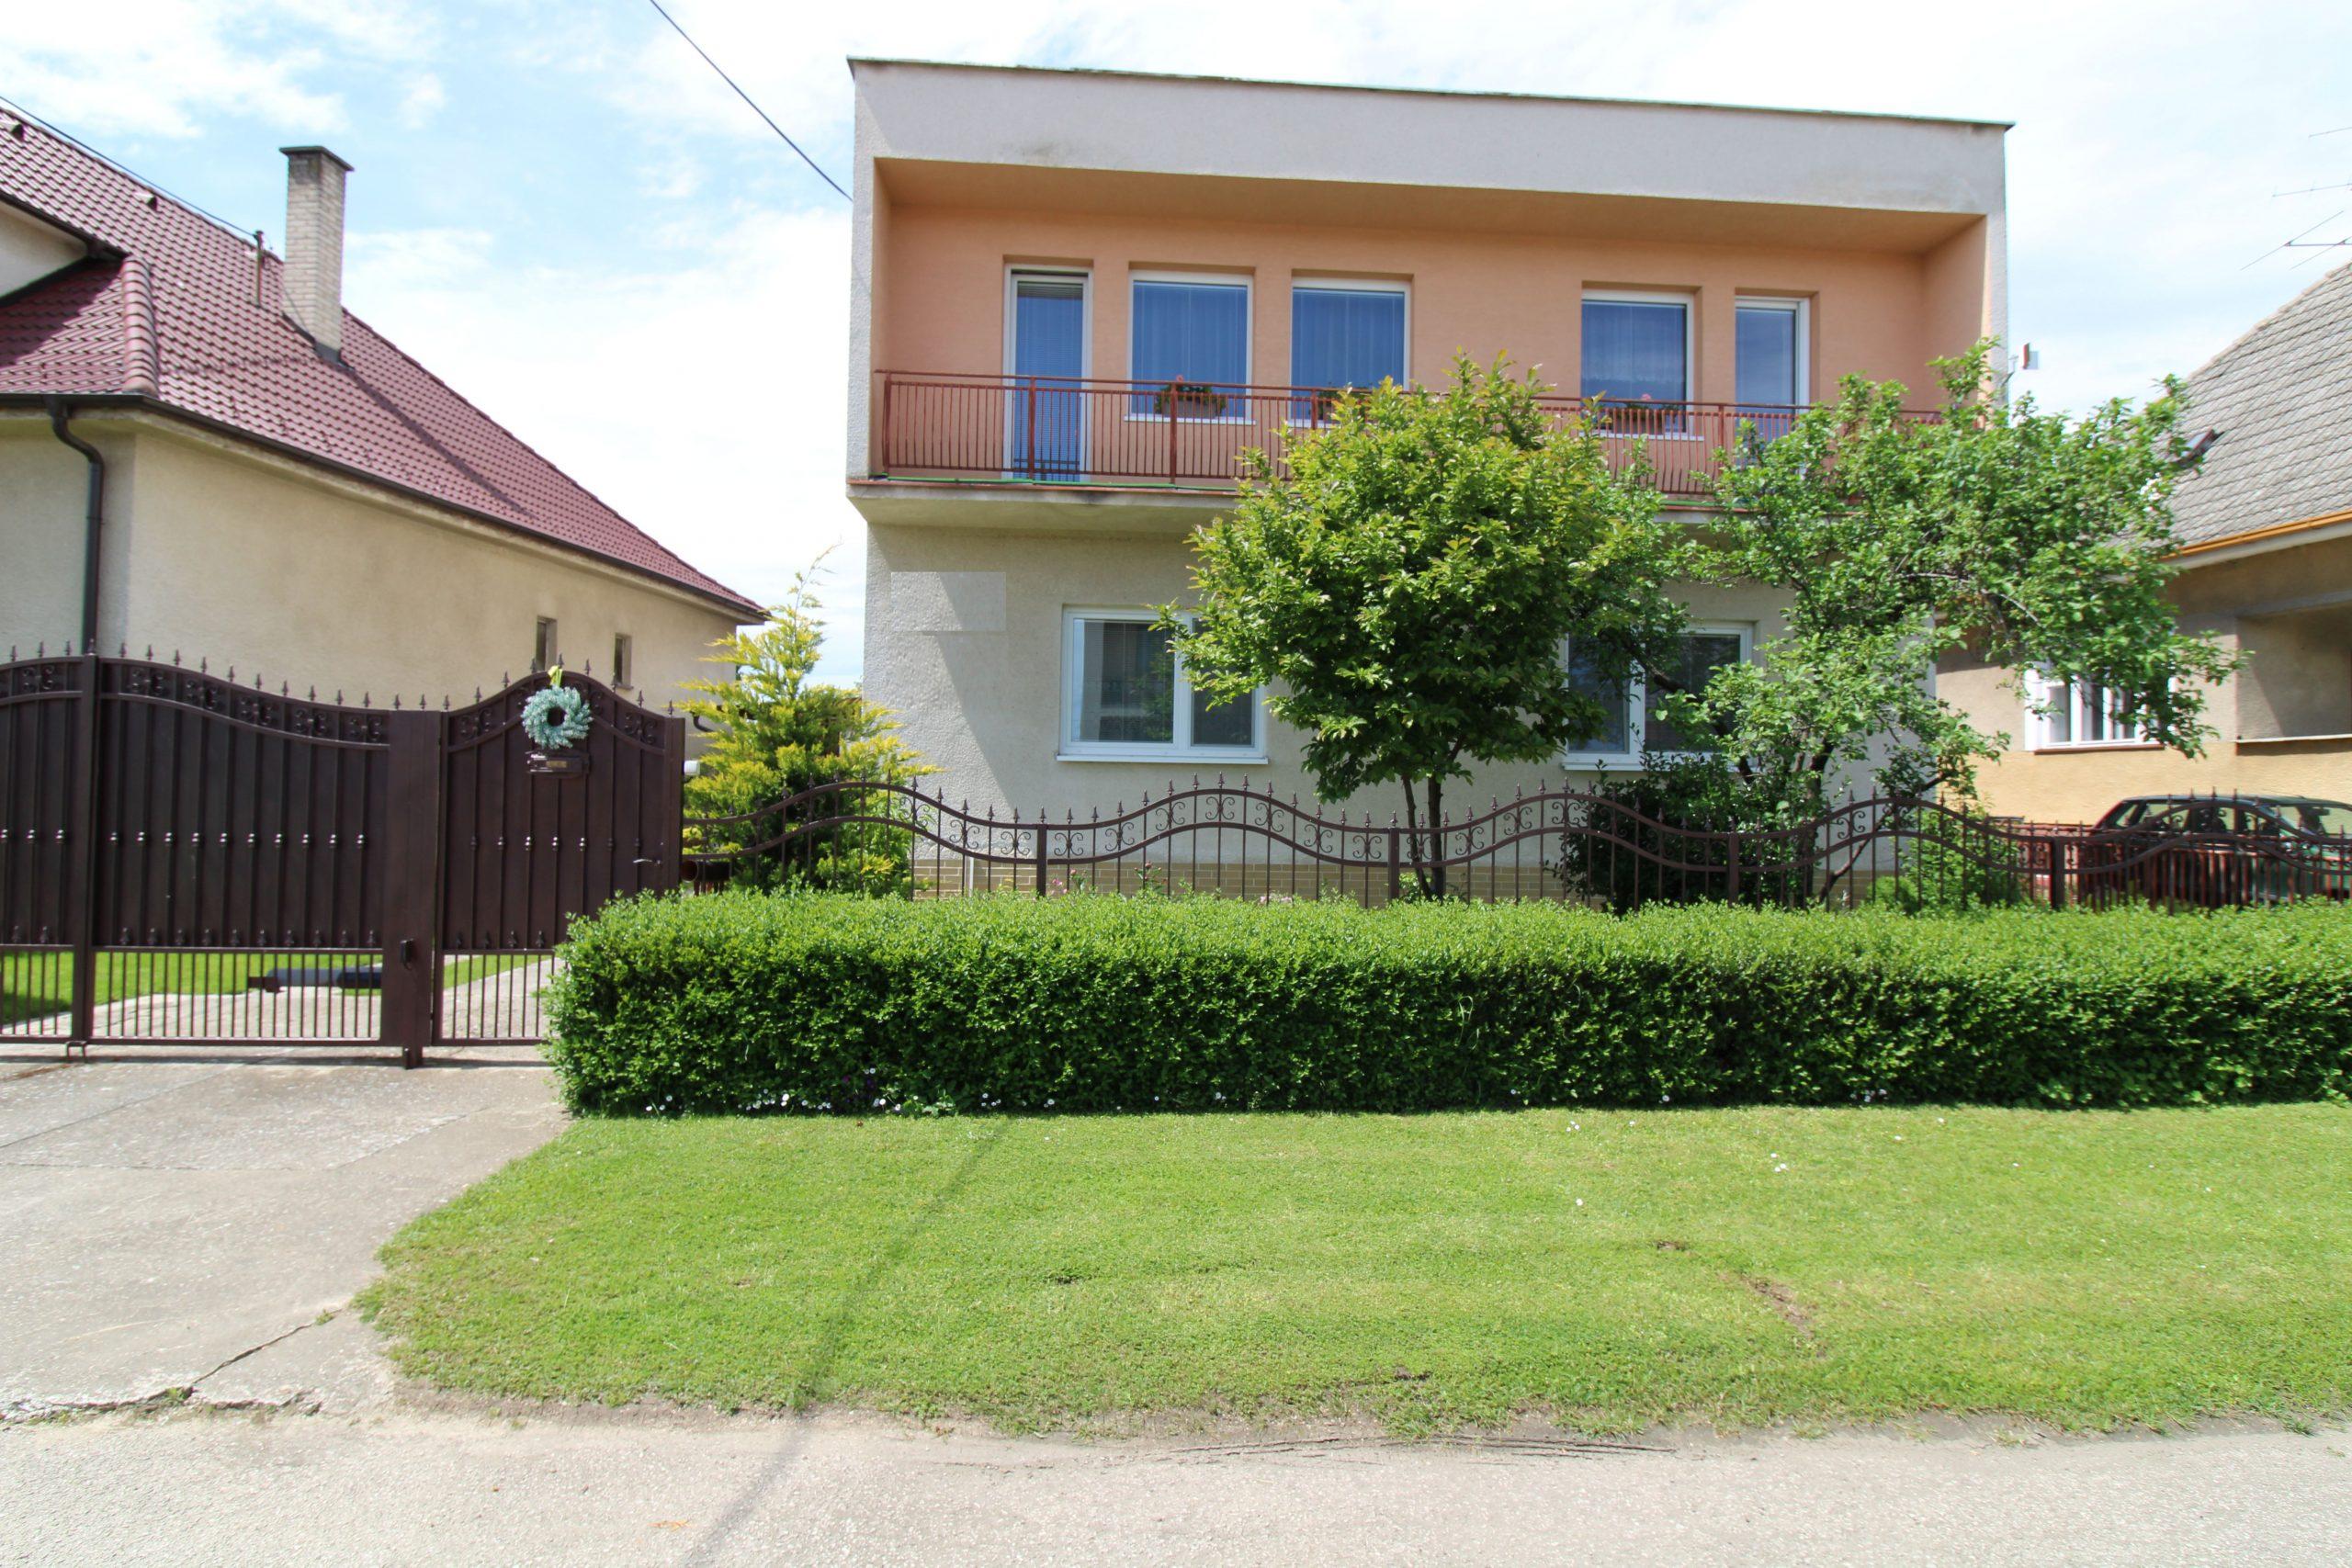 ZĽAVA BRANDreal – veľký 7 izbový rodinný dom 1162 m², Trebatice